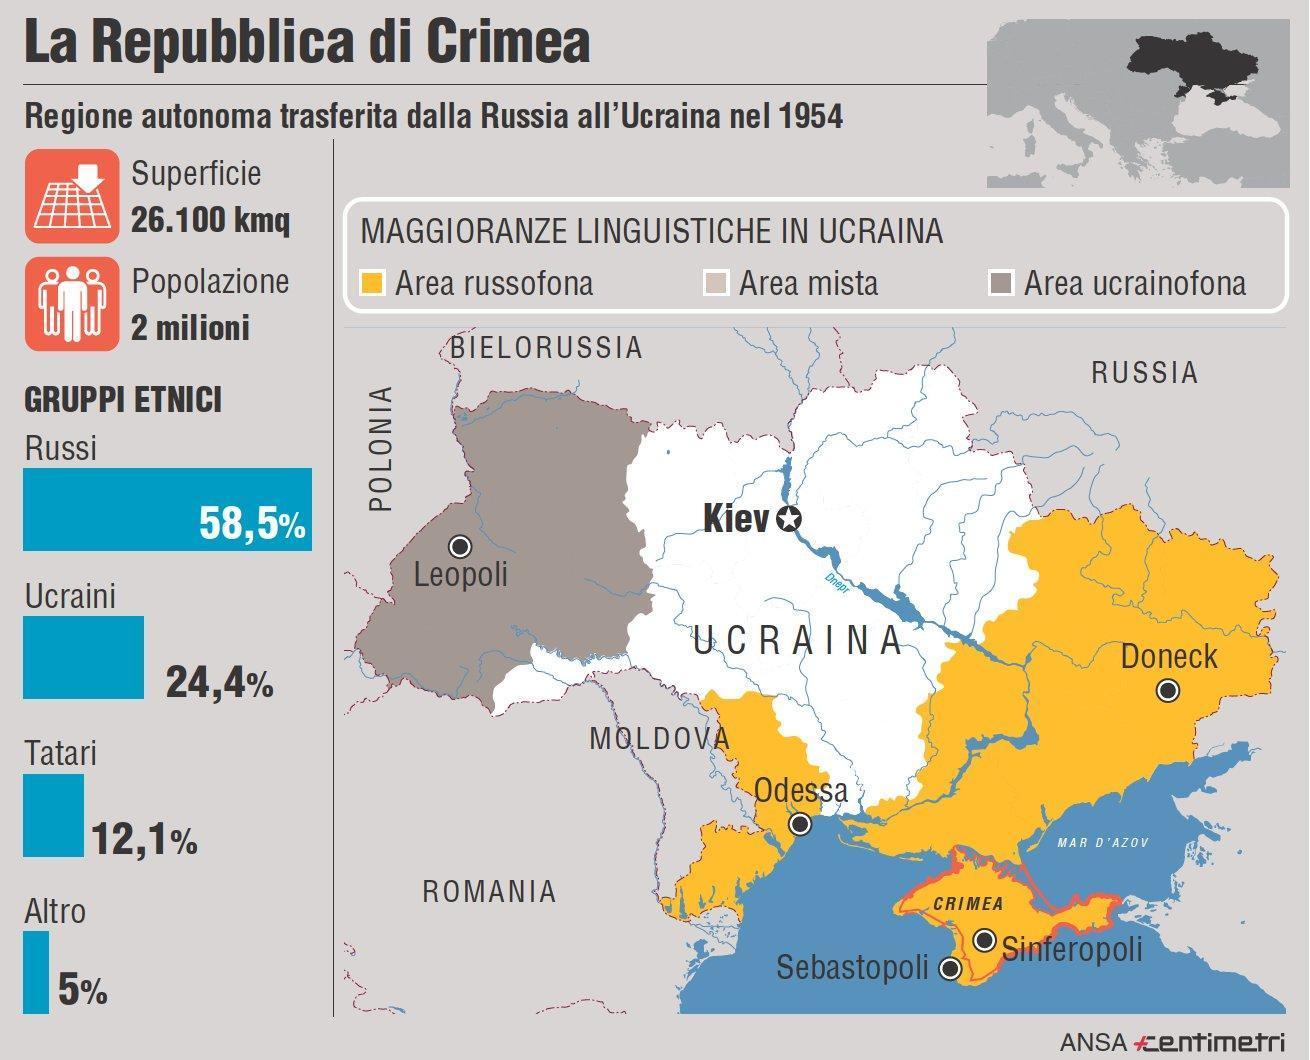 Ucraina: scheda della Repubblica di Crimea